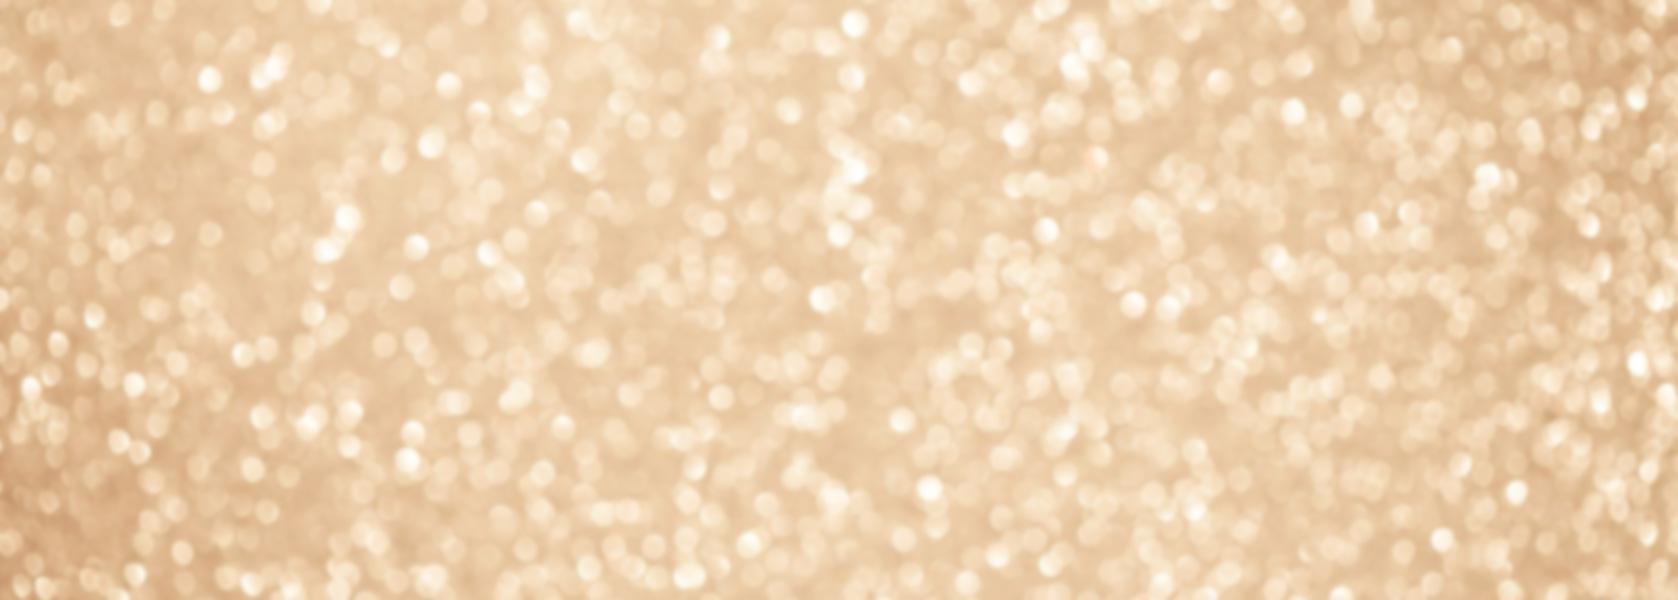 Hintergrund bronze glanz